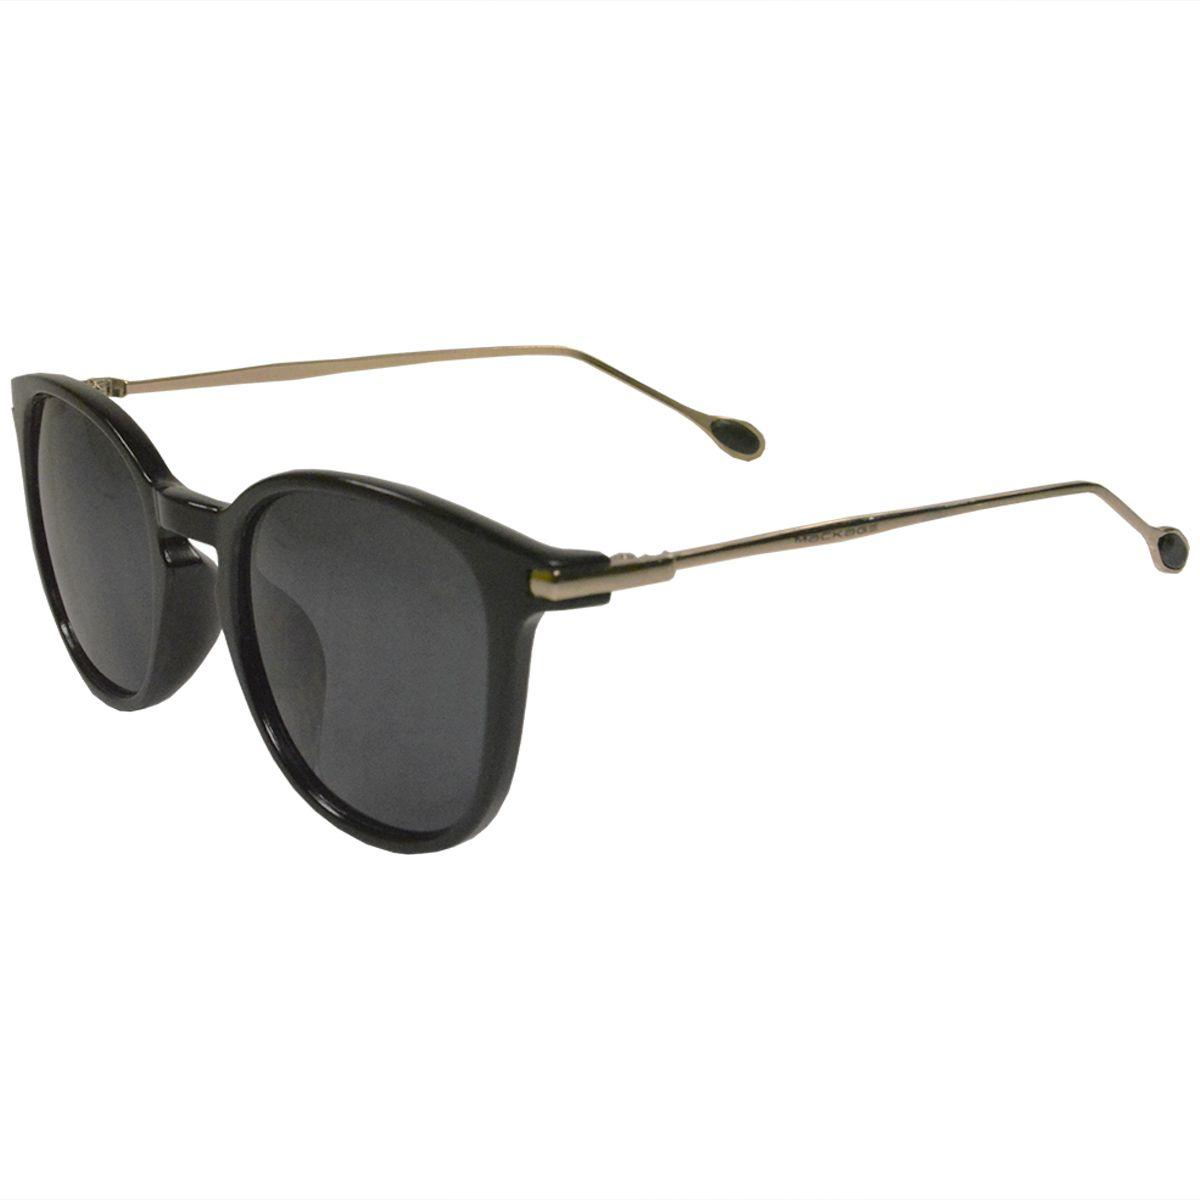 Óculos De Sol Mackage Unissex Acetato/Hastes Em Metal Retangular - Preto